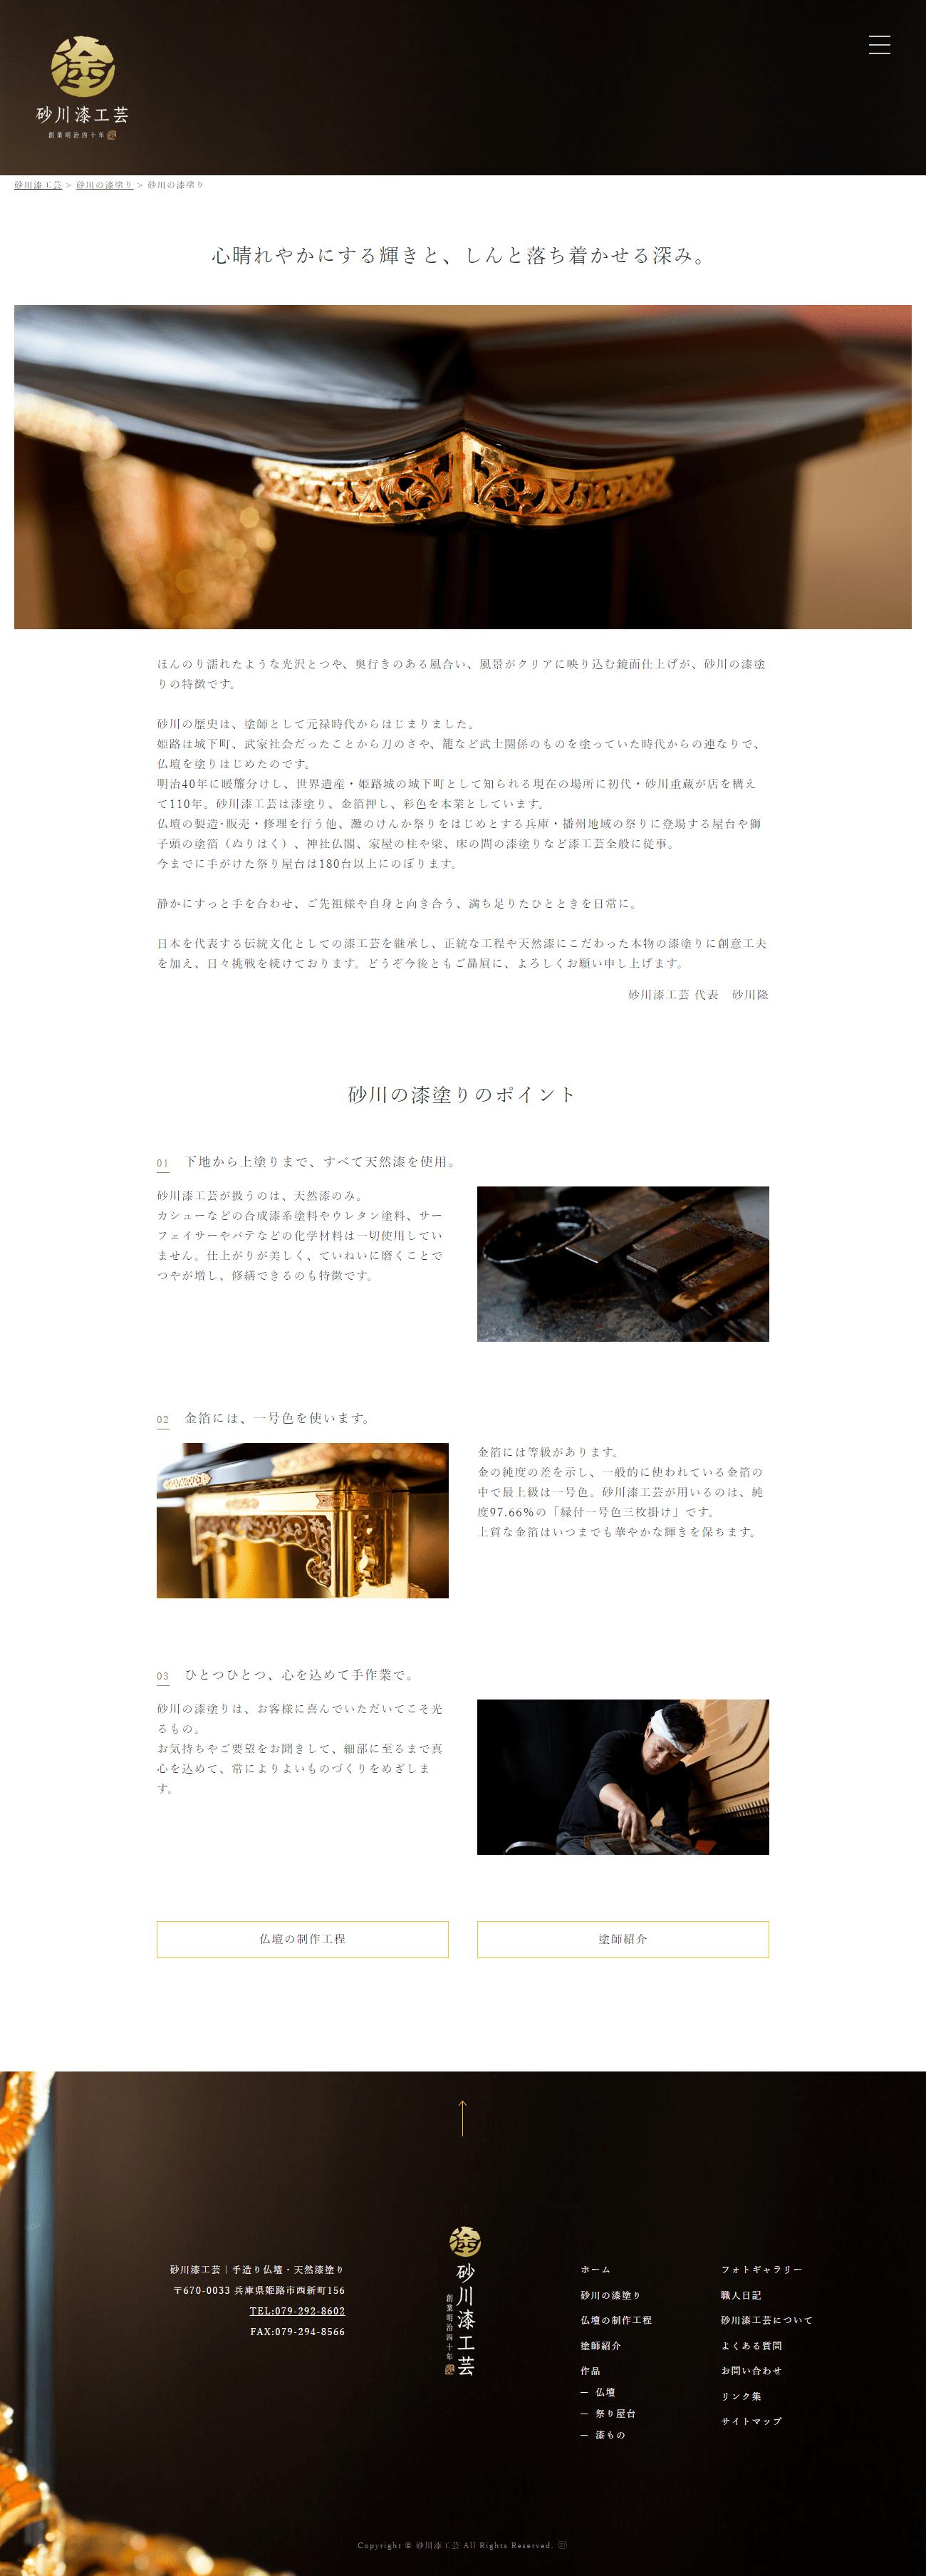 姫路市 砂川漆工芸/砂川仏檀店様 ホームページ制作2